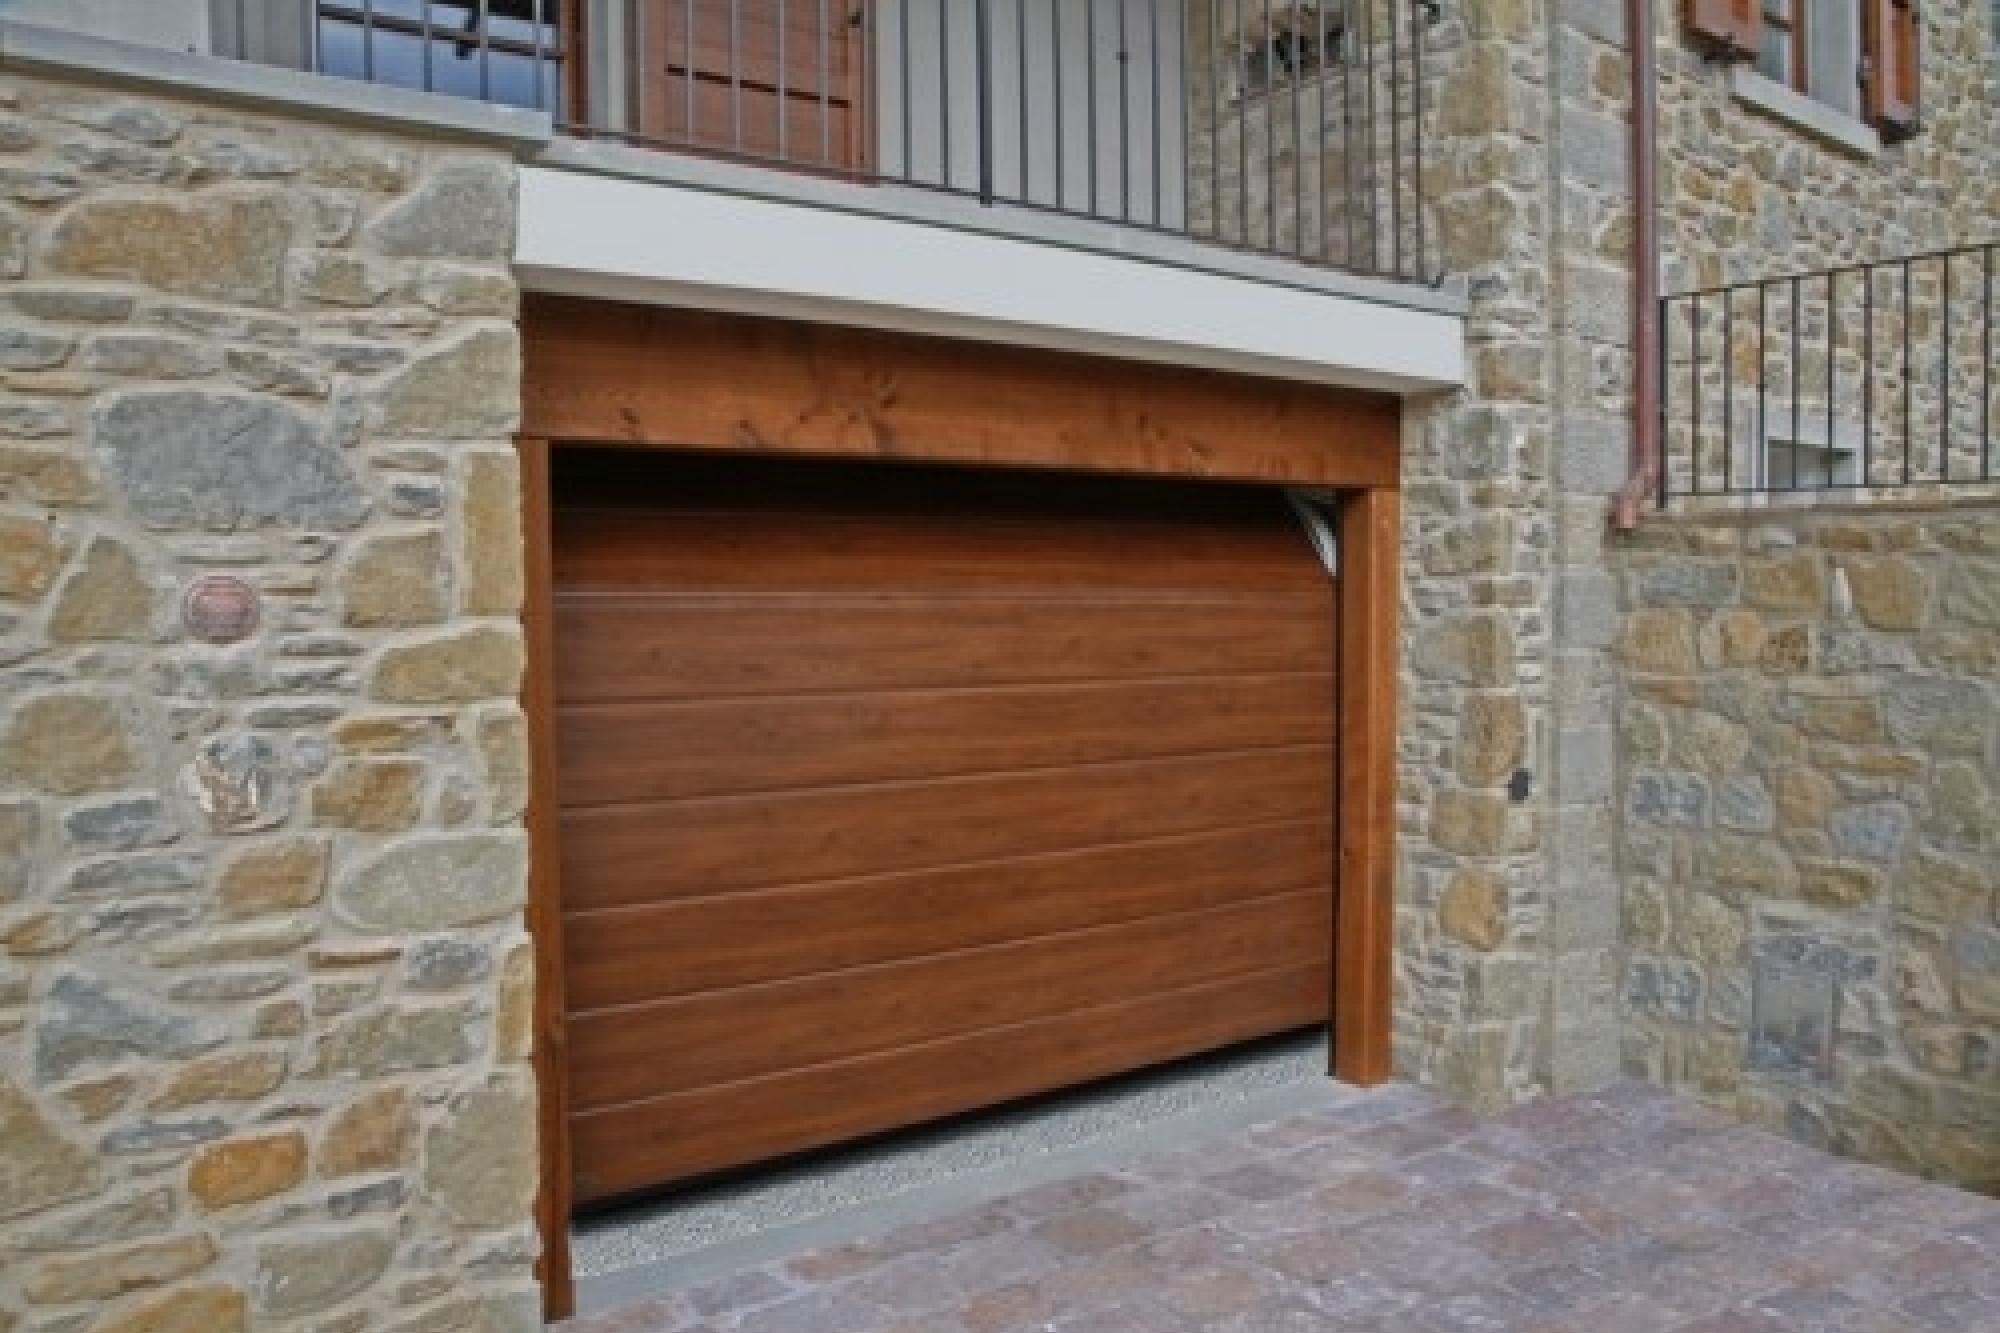 Offerta portone sezionale simil legno mod medici - Serrande per finestre prezzi ...